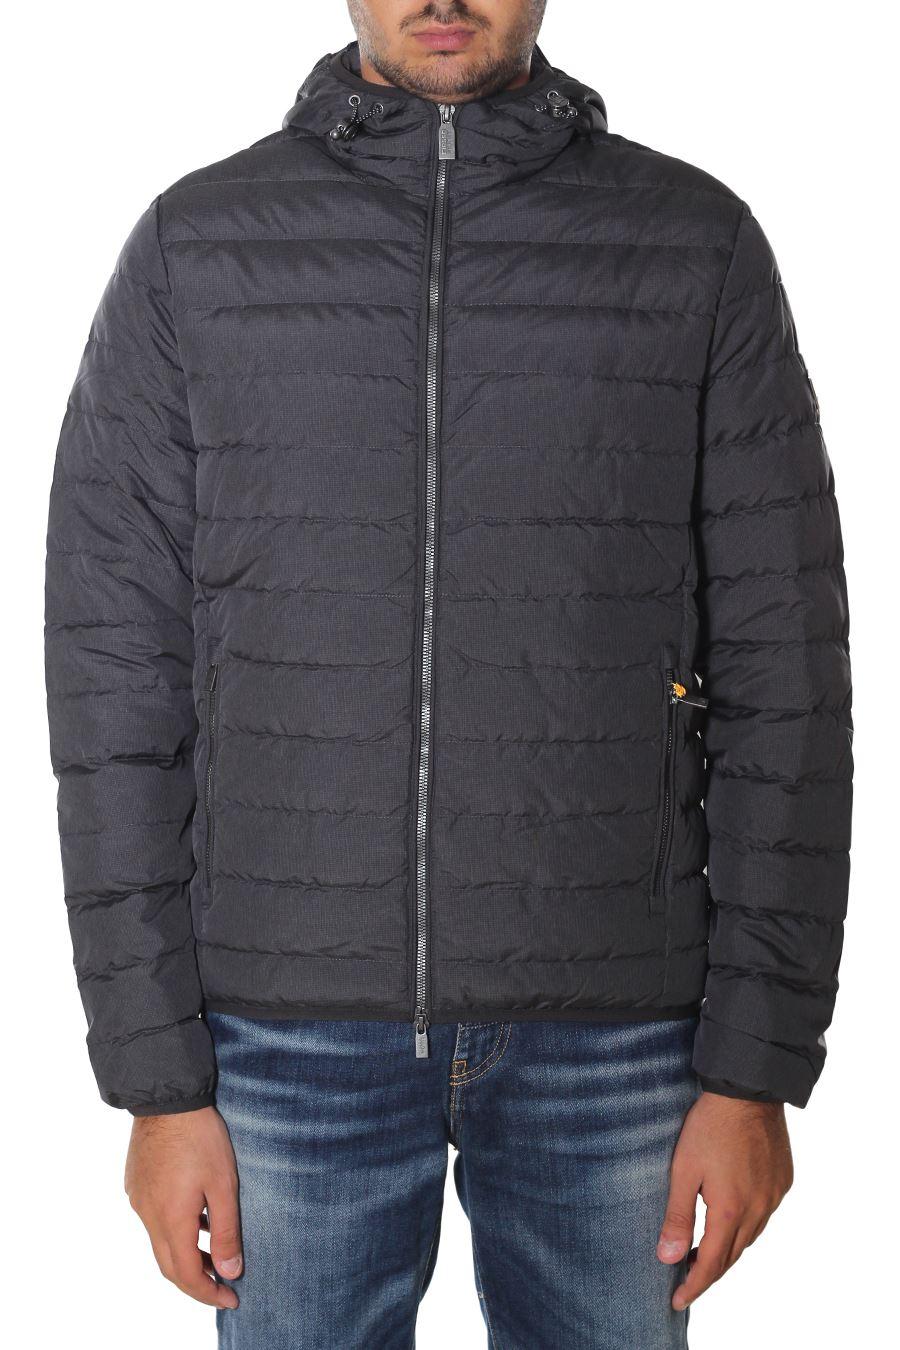 premium selection f95bc 60a41 Machi di Mare - Shop online dei migliori marchi di moda